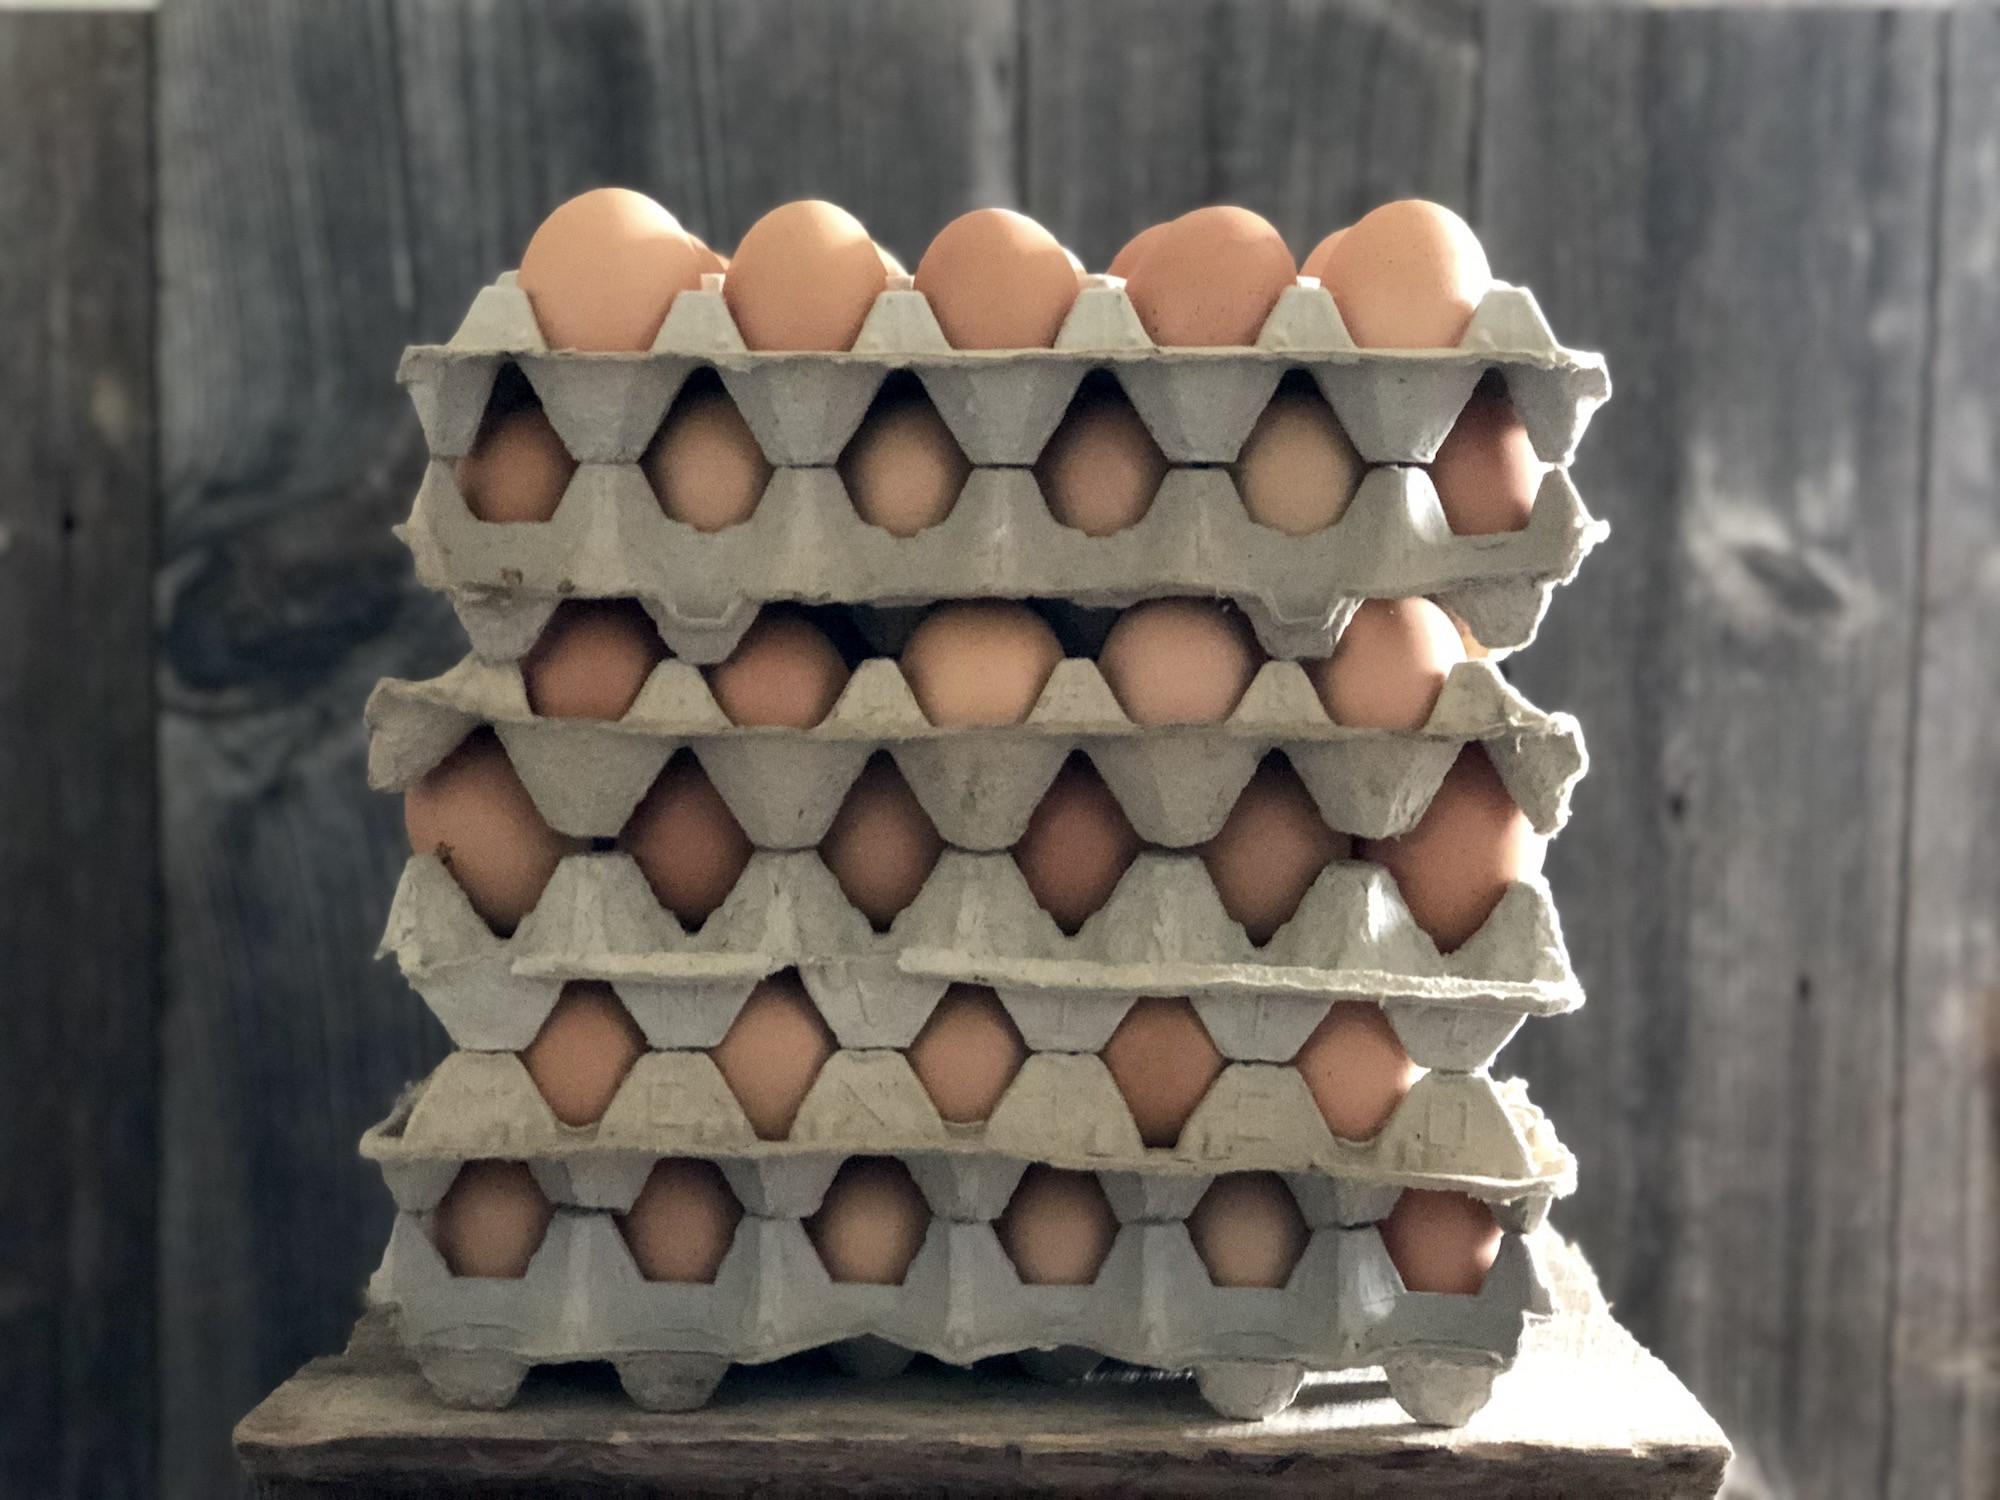 15 Dozen Case Flats- Pastured Soy-Free Chicken Eggs